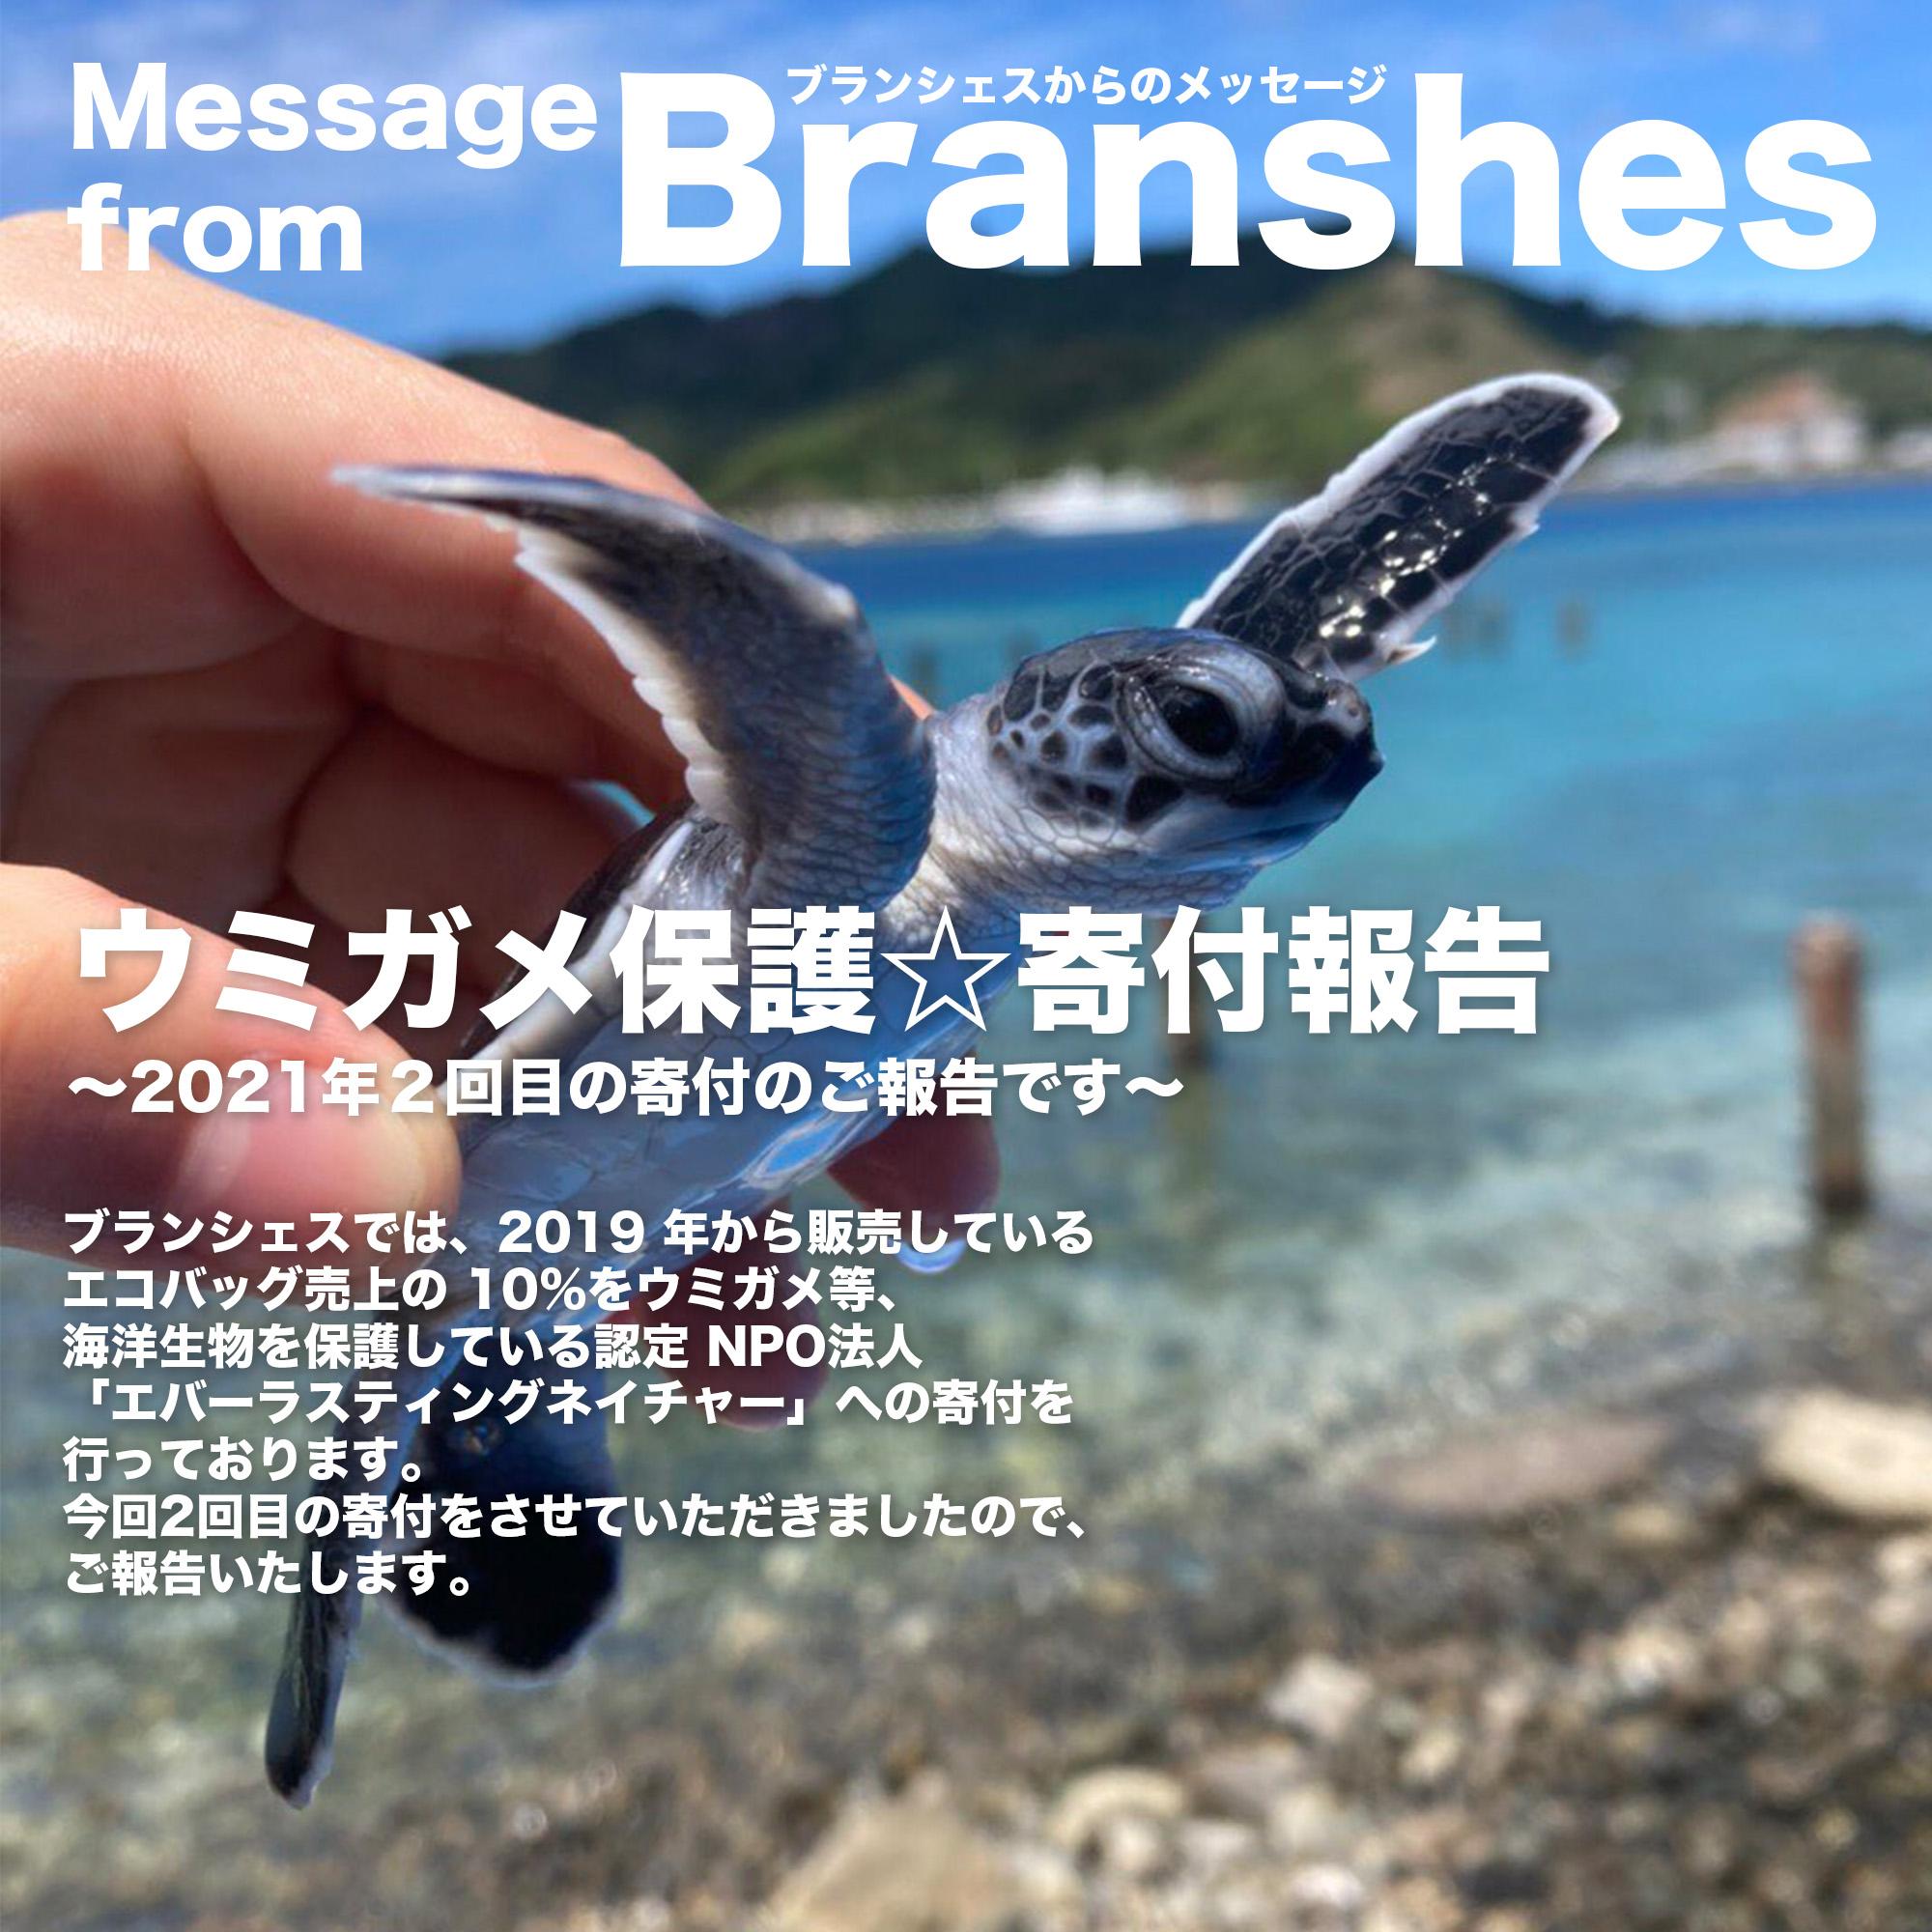 ウミガメ保護寄付報告